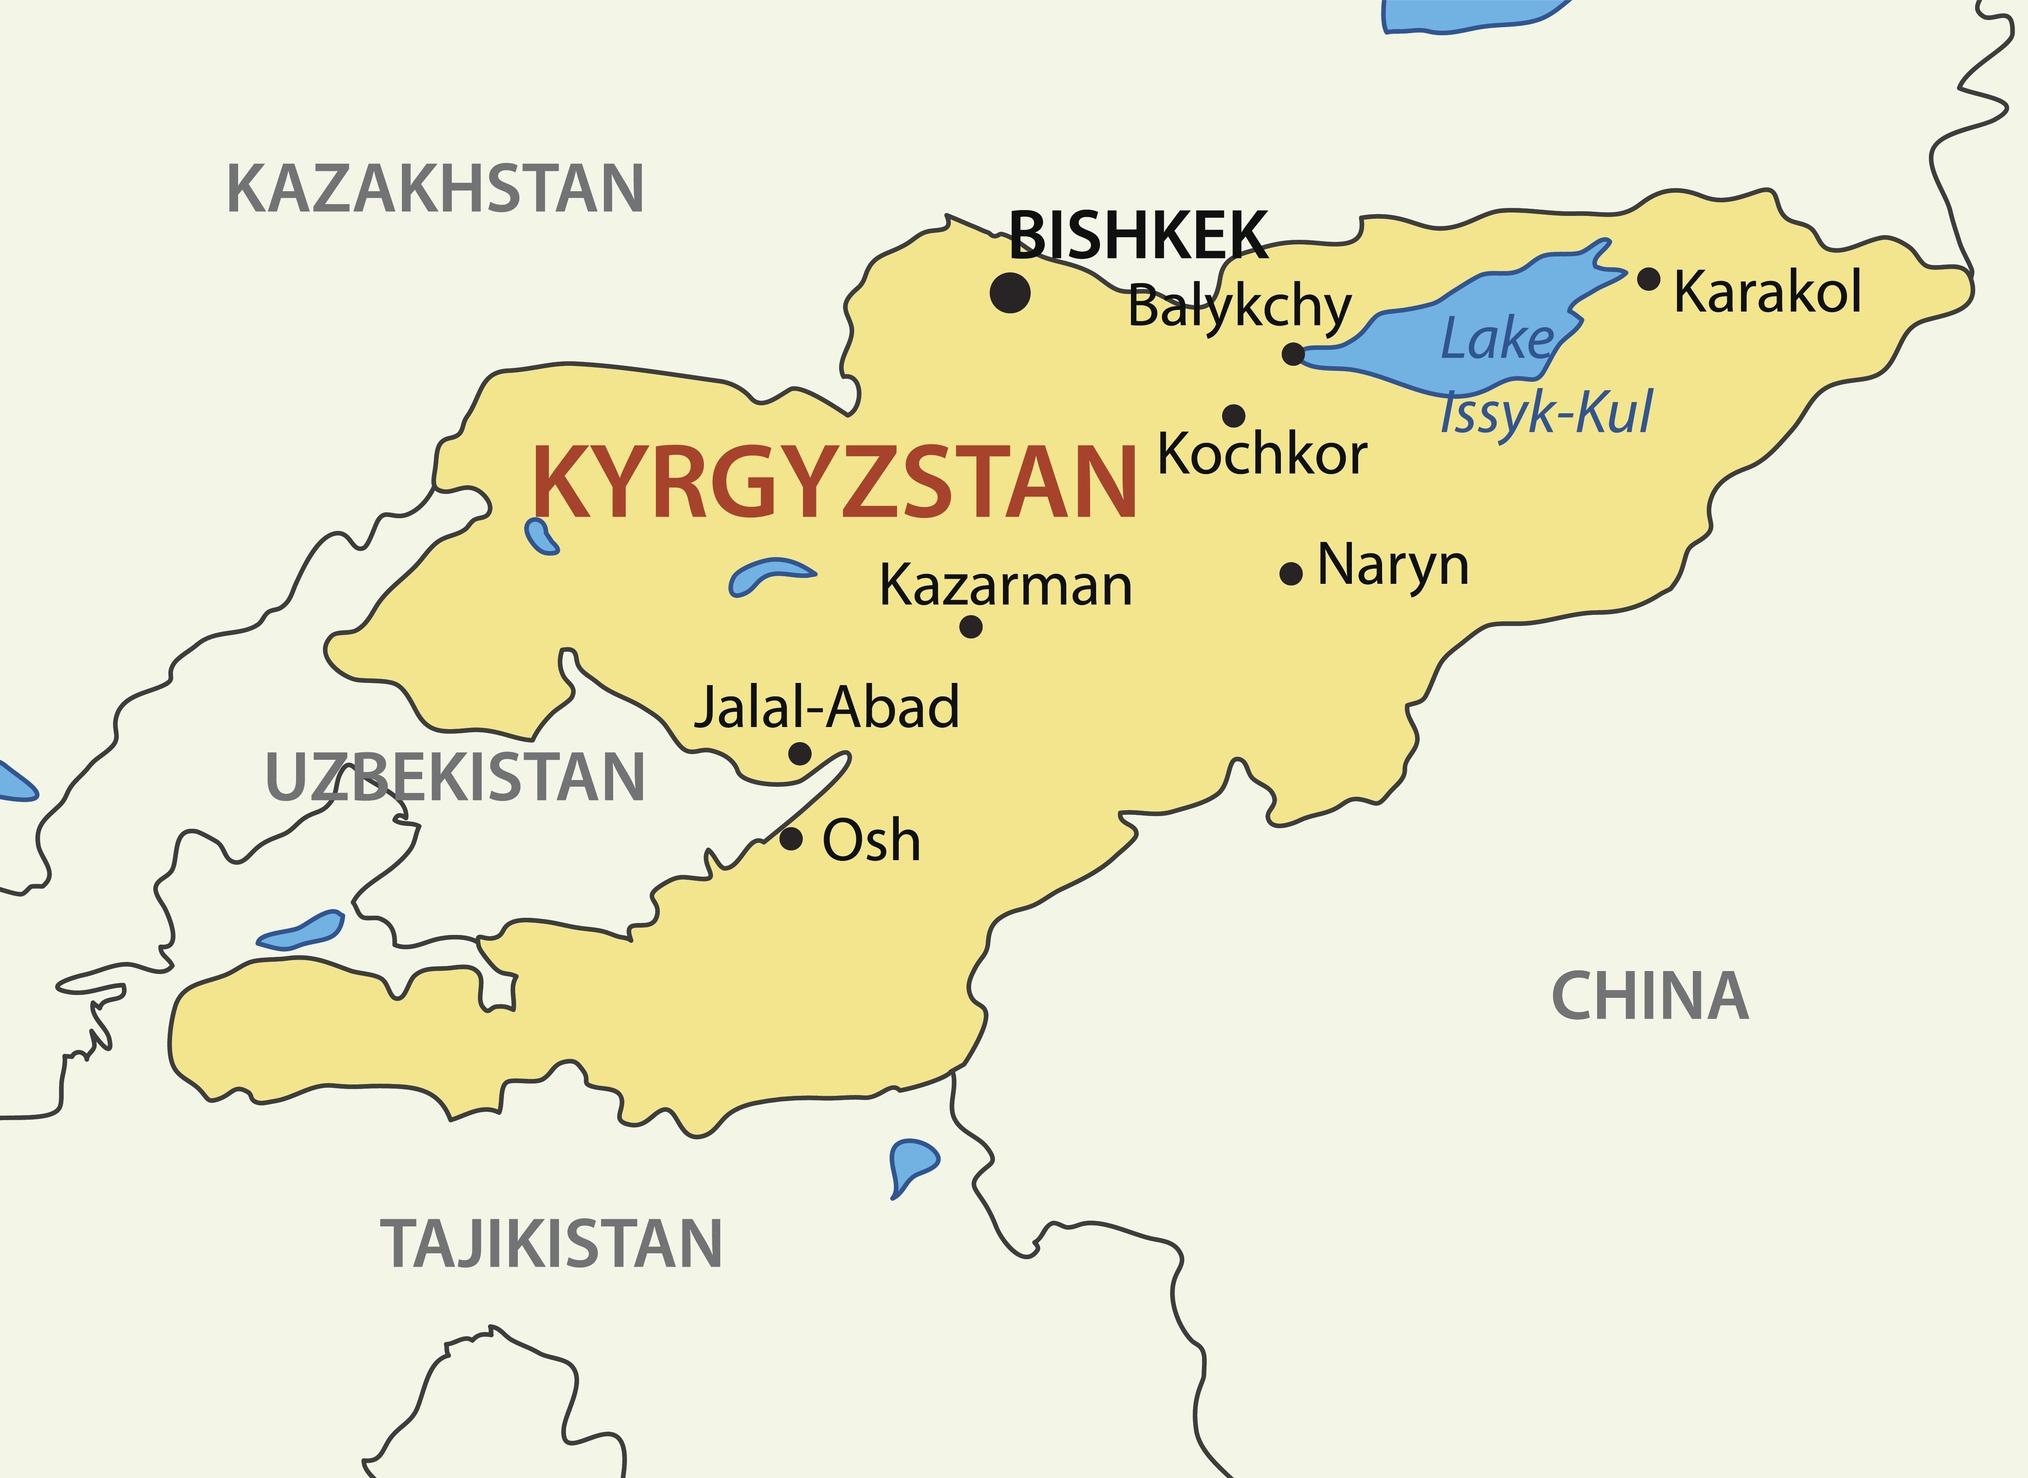 Kyrgyz Republic - Kyrgyzstan - vector map